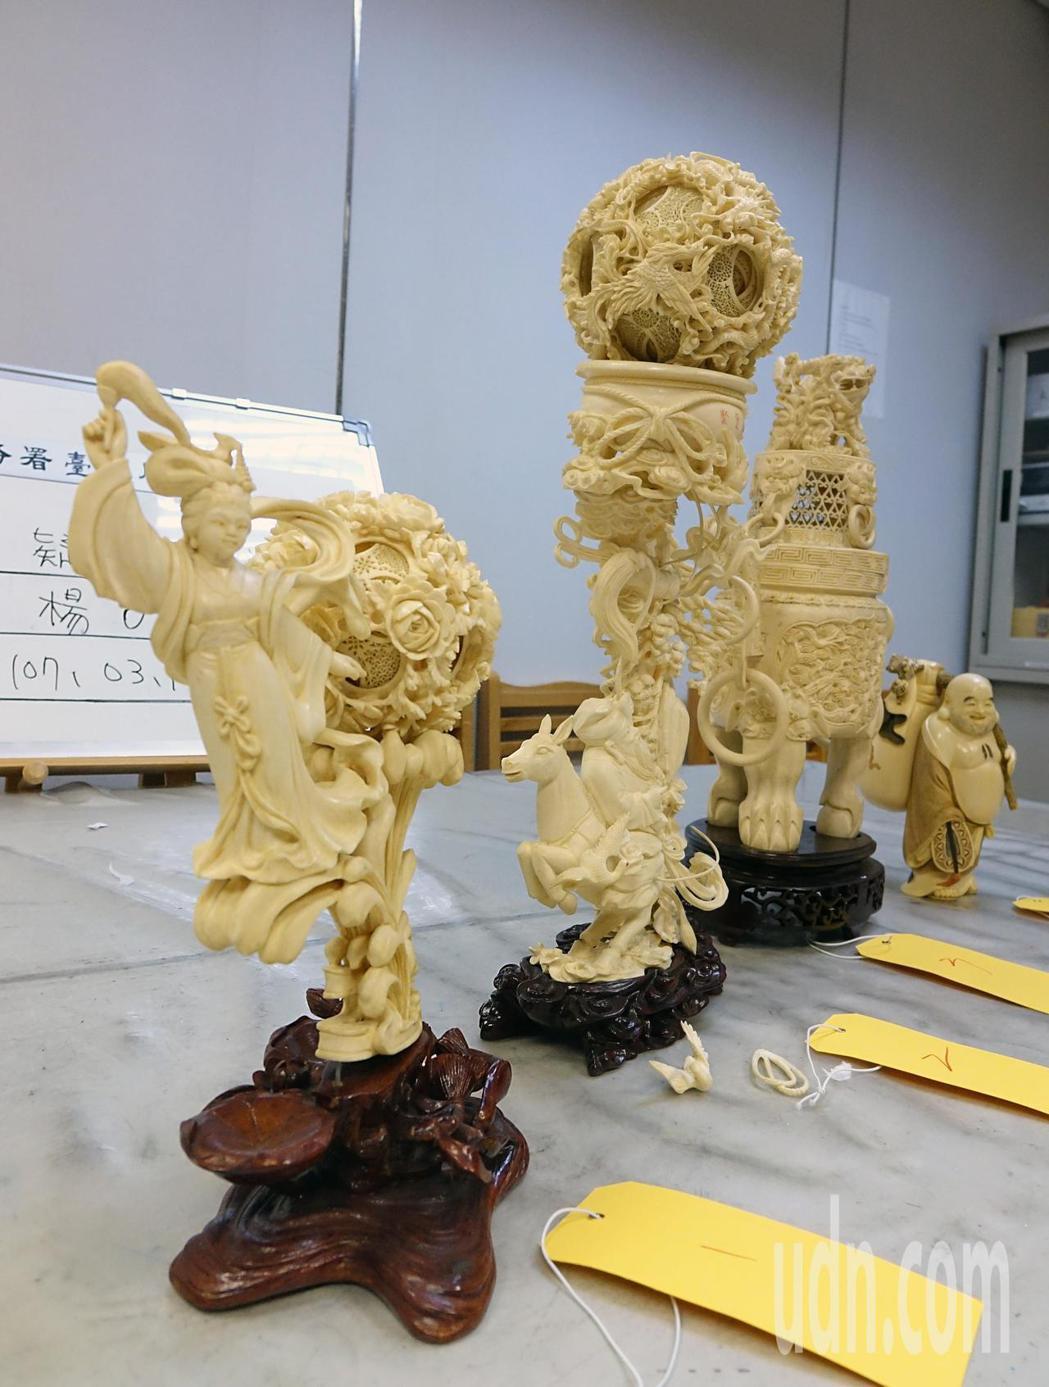 海關下午在桃園機場查獲楊男企圖夾帶藝品闖關,在行李內查獲四件疑似象牙雕刻品,總淨...